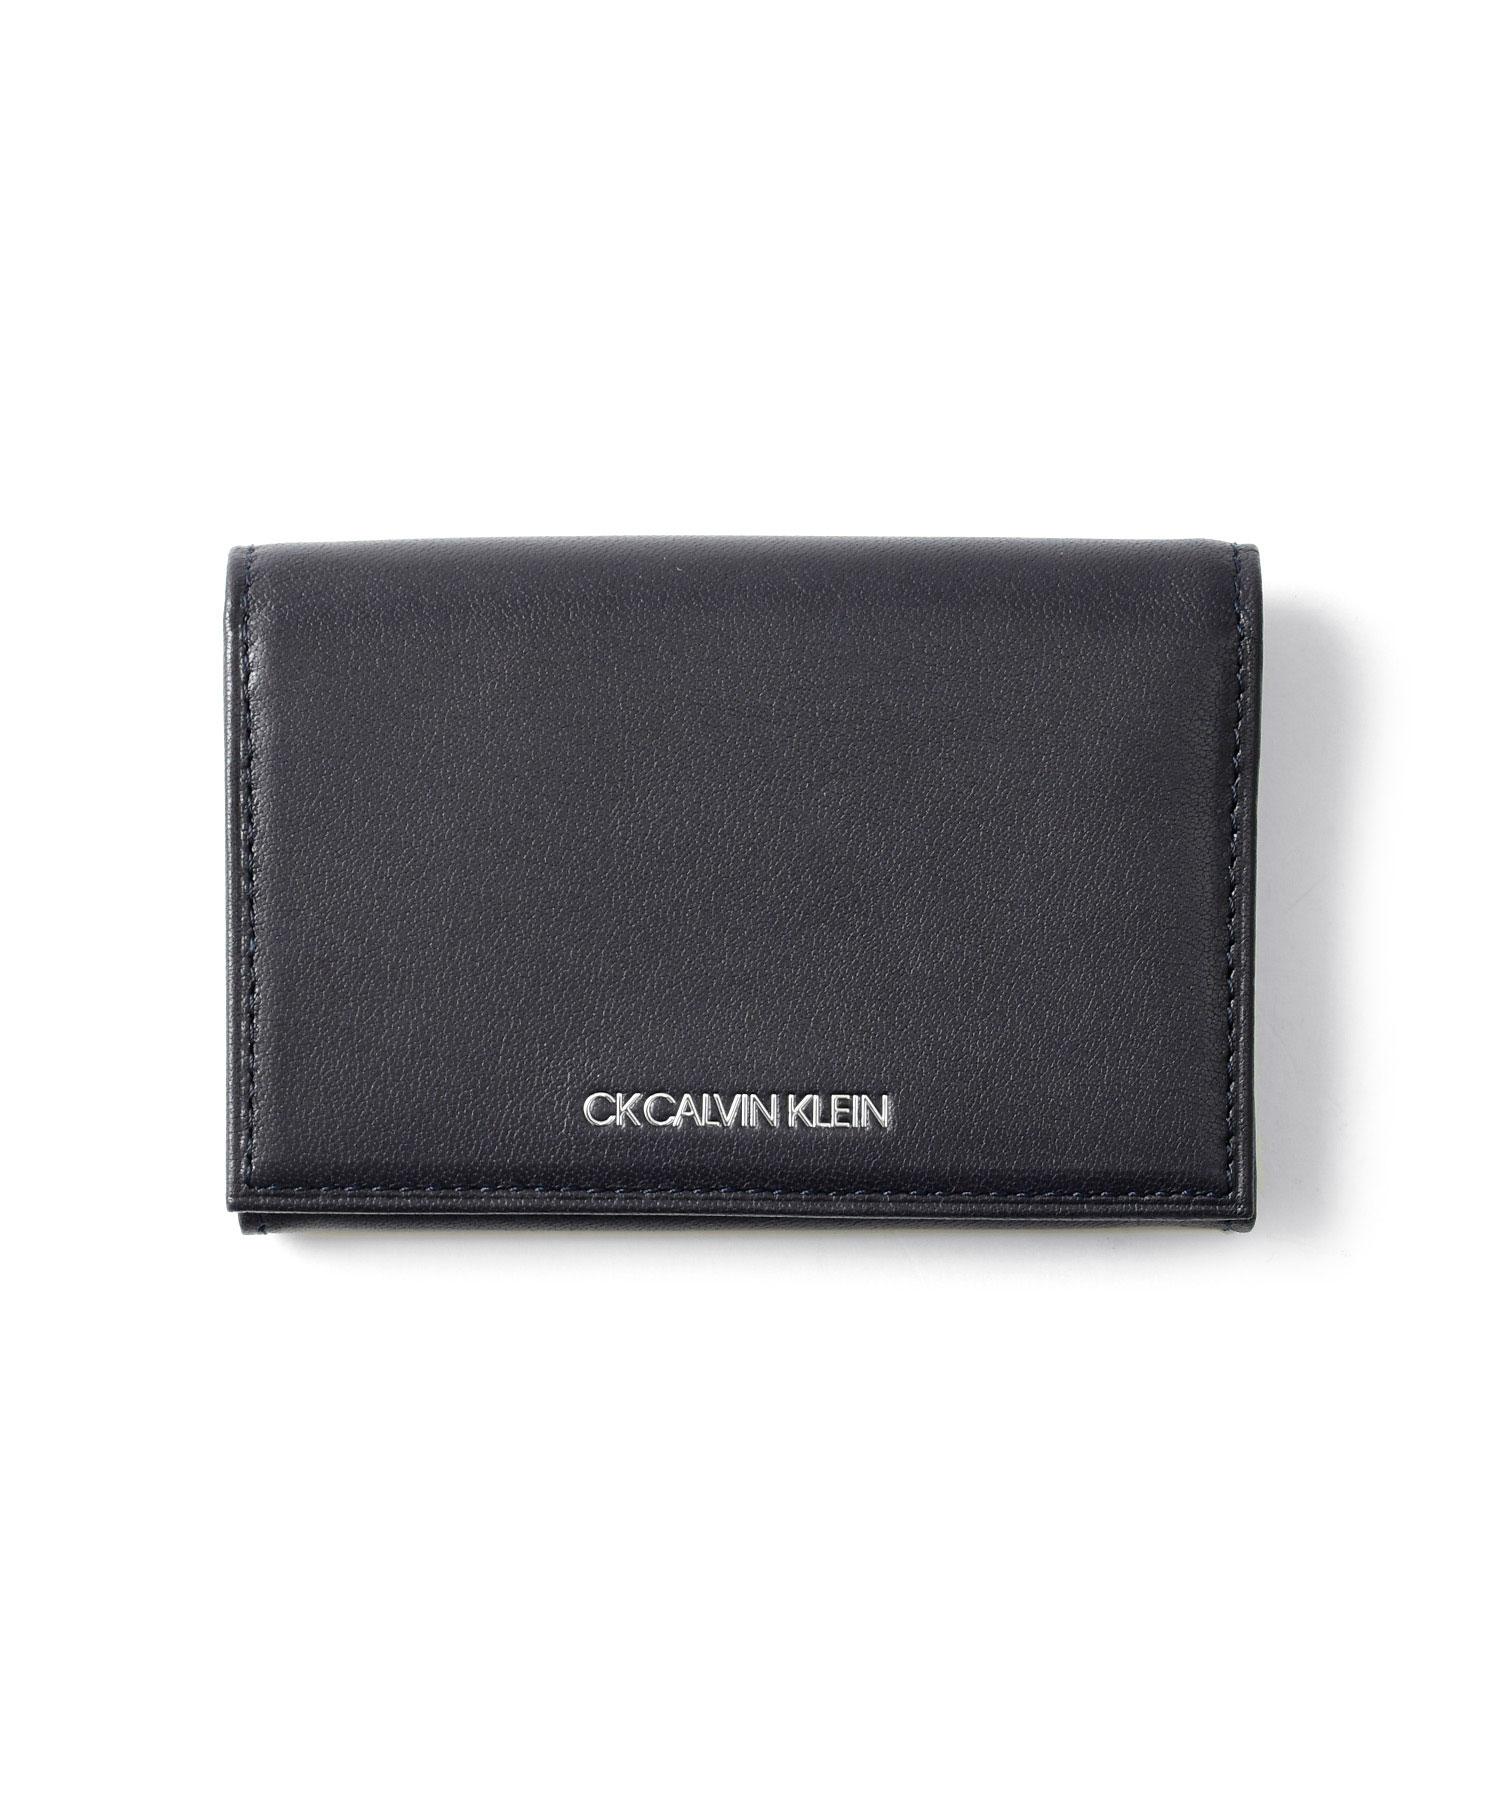 7dc160aab1b1 ブランド 名刺入れ メンズカードケース・名刺入れ - 価格.com